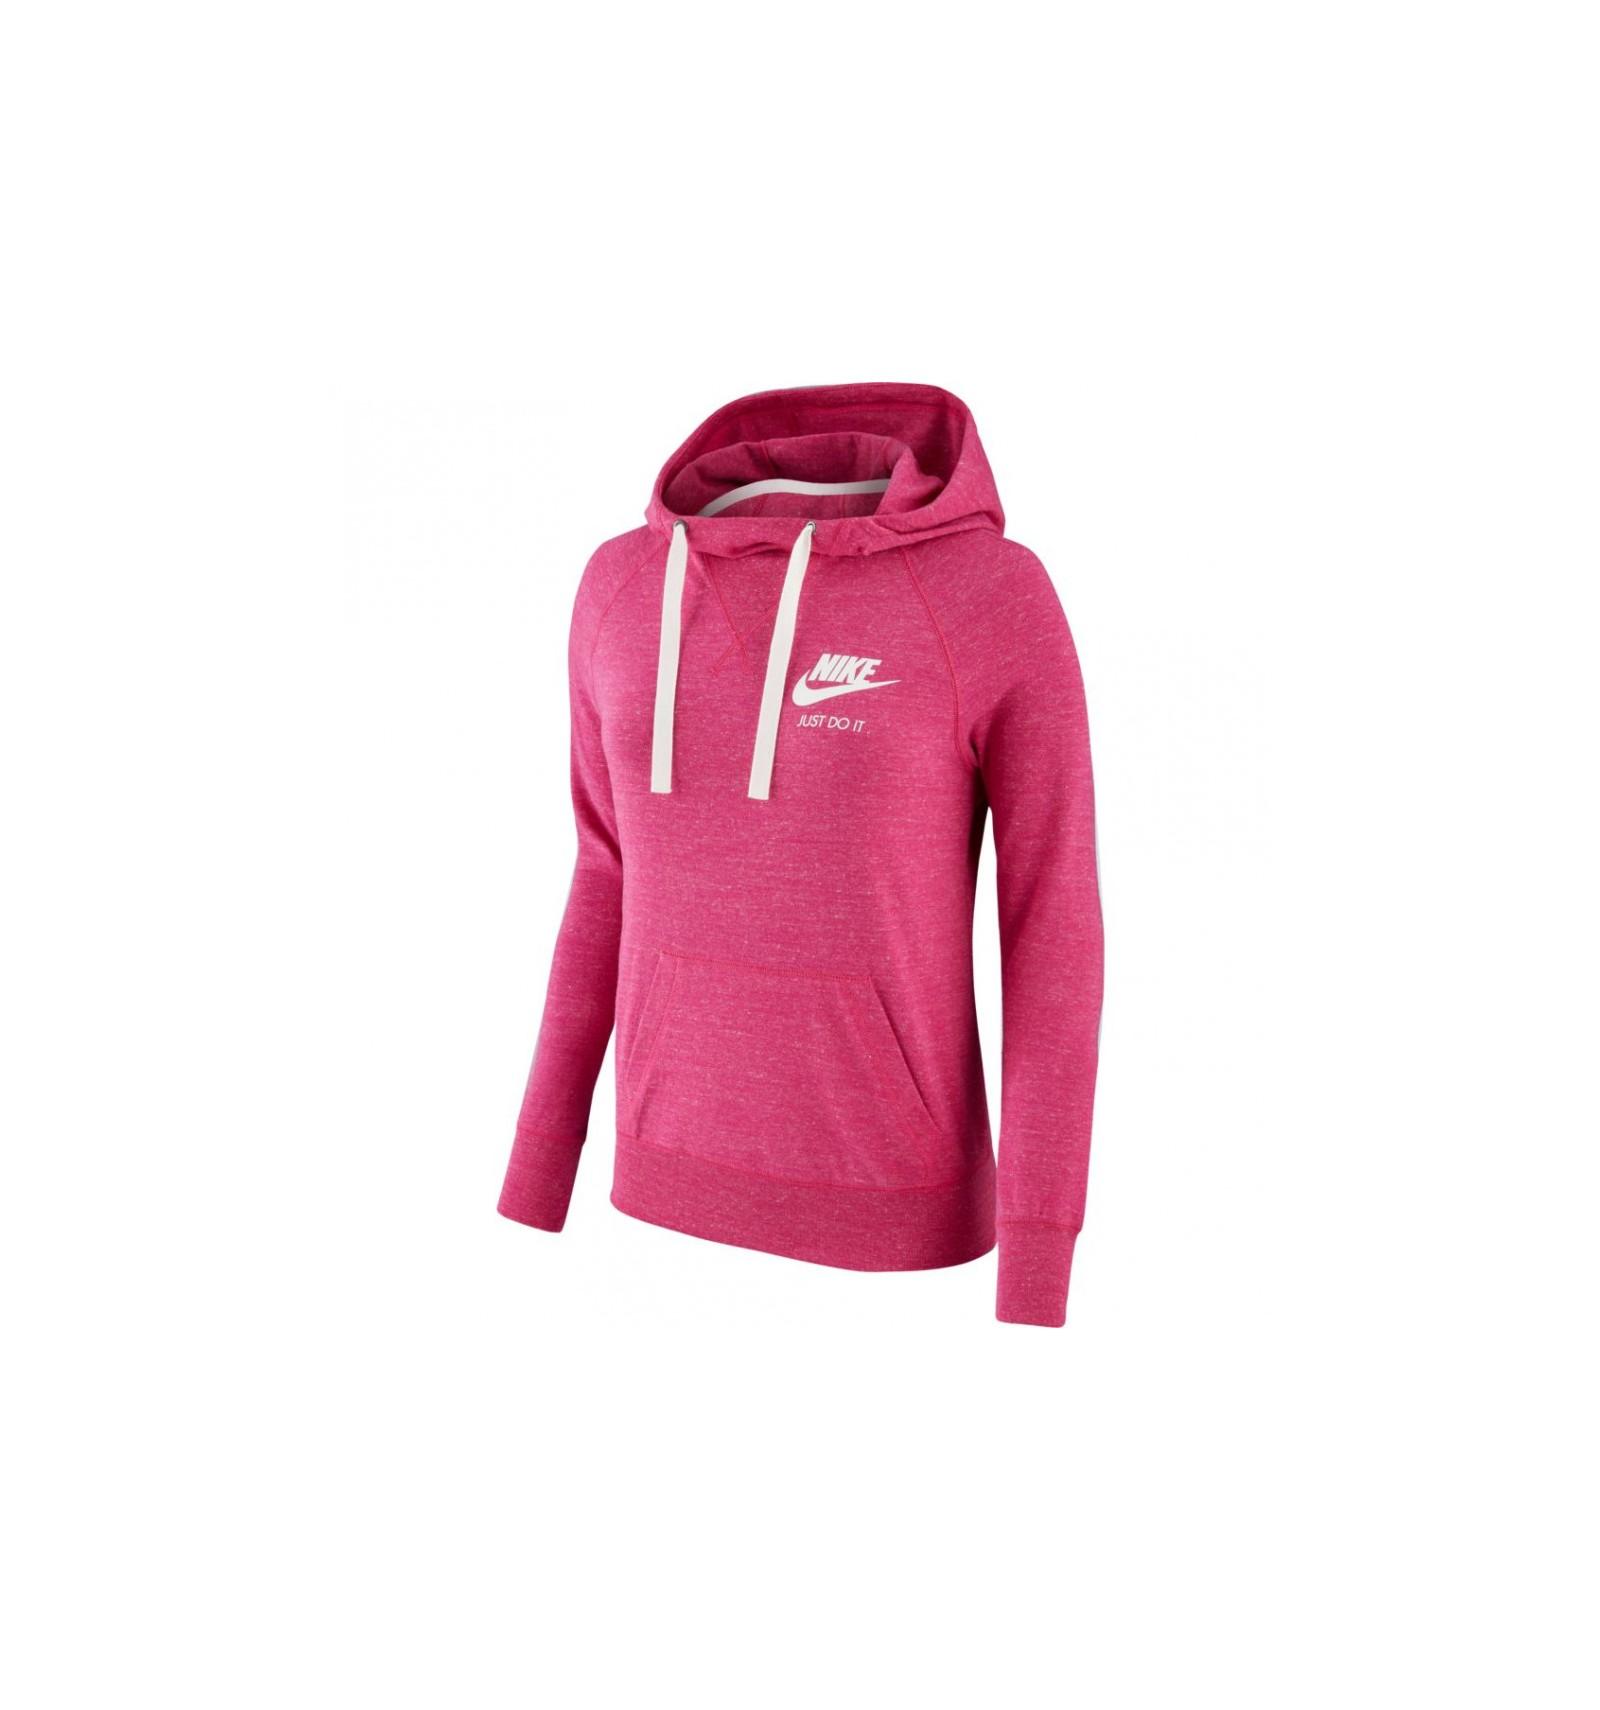 Mujer Nike Vicunasport Internet Tu Sudadera En Deportes De Tienda x41aCw